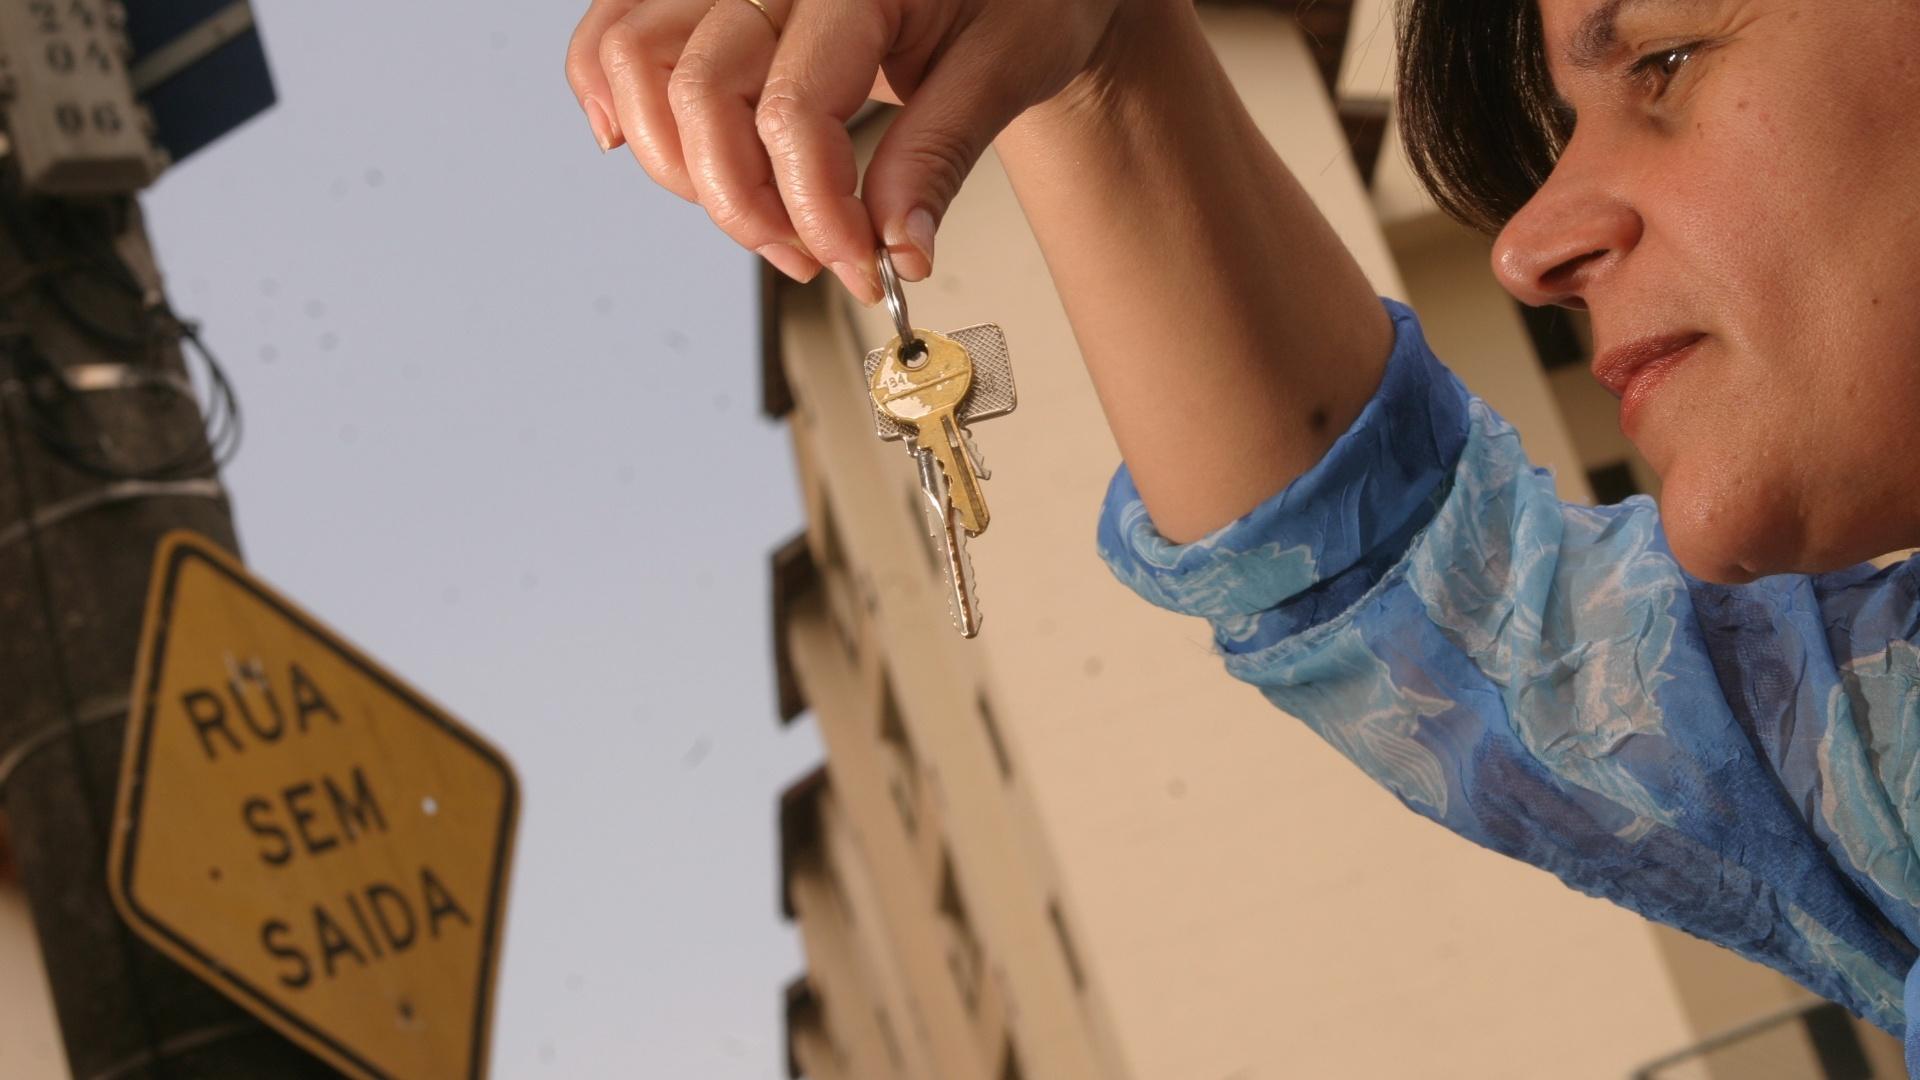 Até título de capitalização substitui fiador no aluguel  veja opções -  07 03 2013 - UOL Economia a8cc0a7a42058